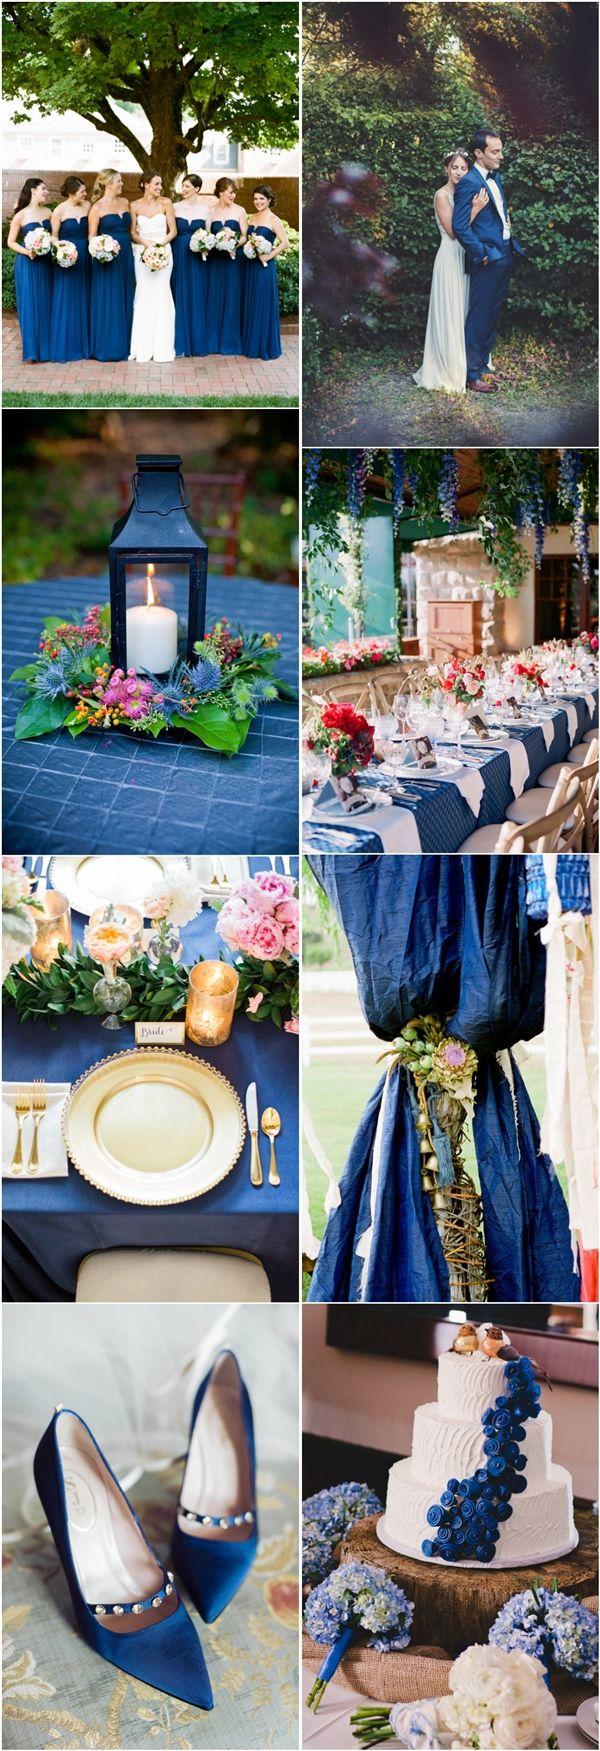 Snorkel Blue Wedding Color Ideas & Trends